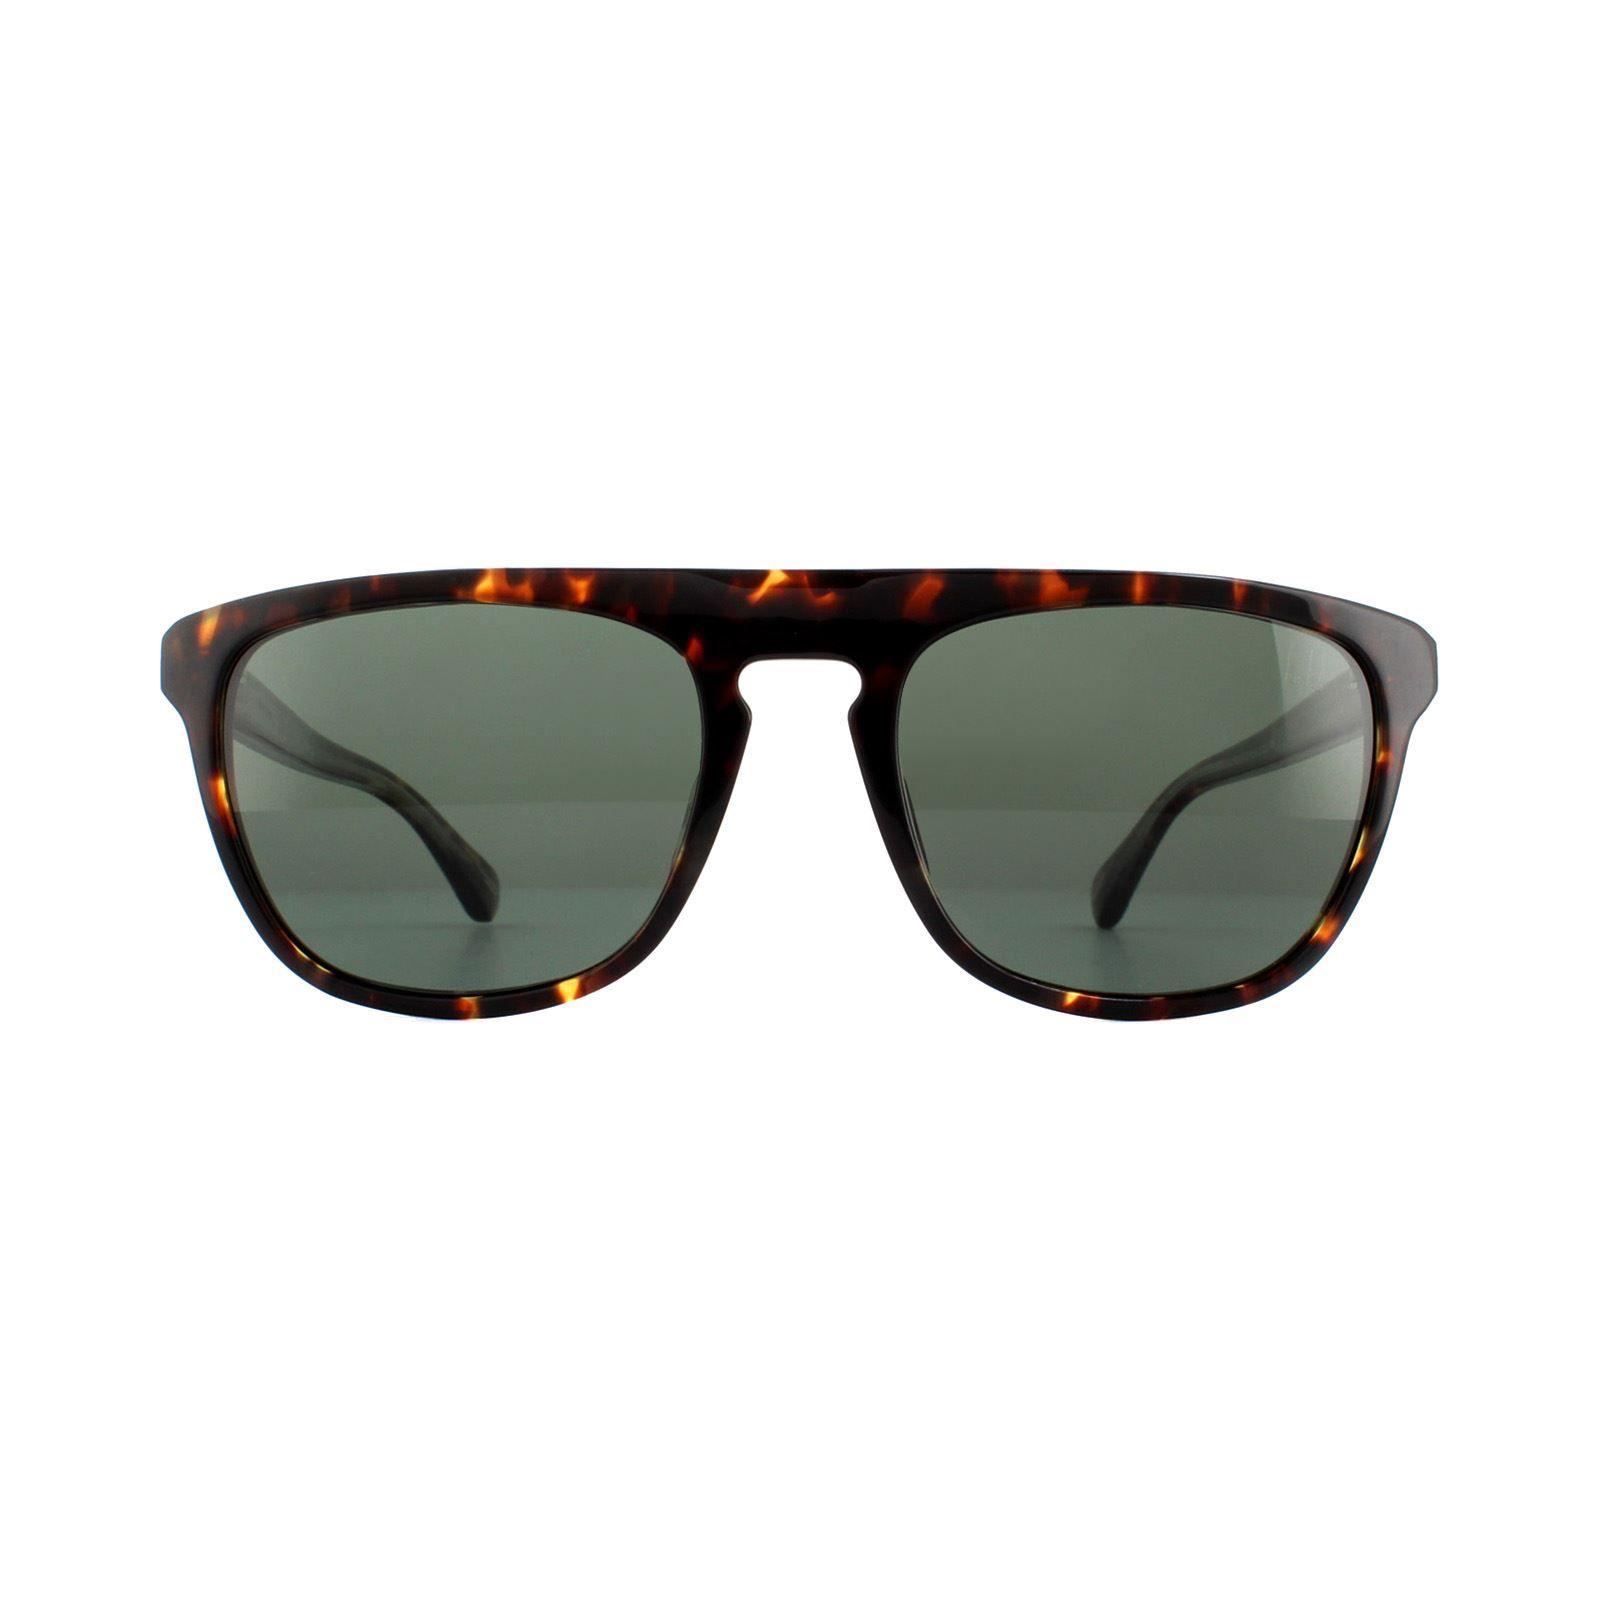 Dunhill Sunglasses SDH105 909P Shiny Yellow Havana Green Polarized